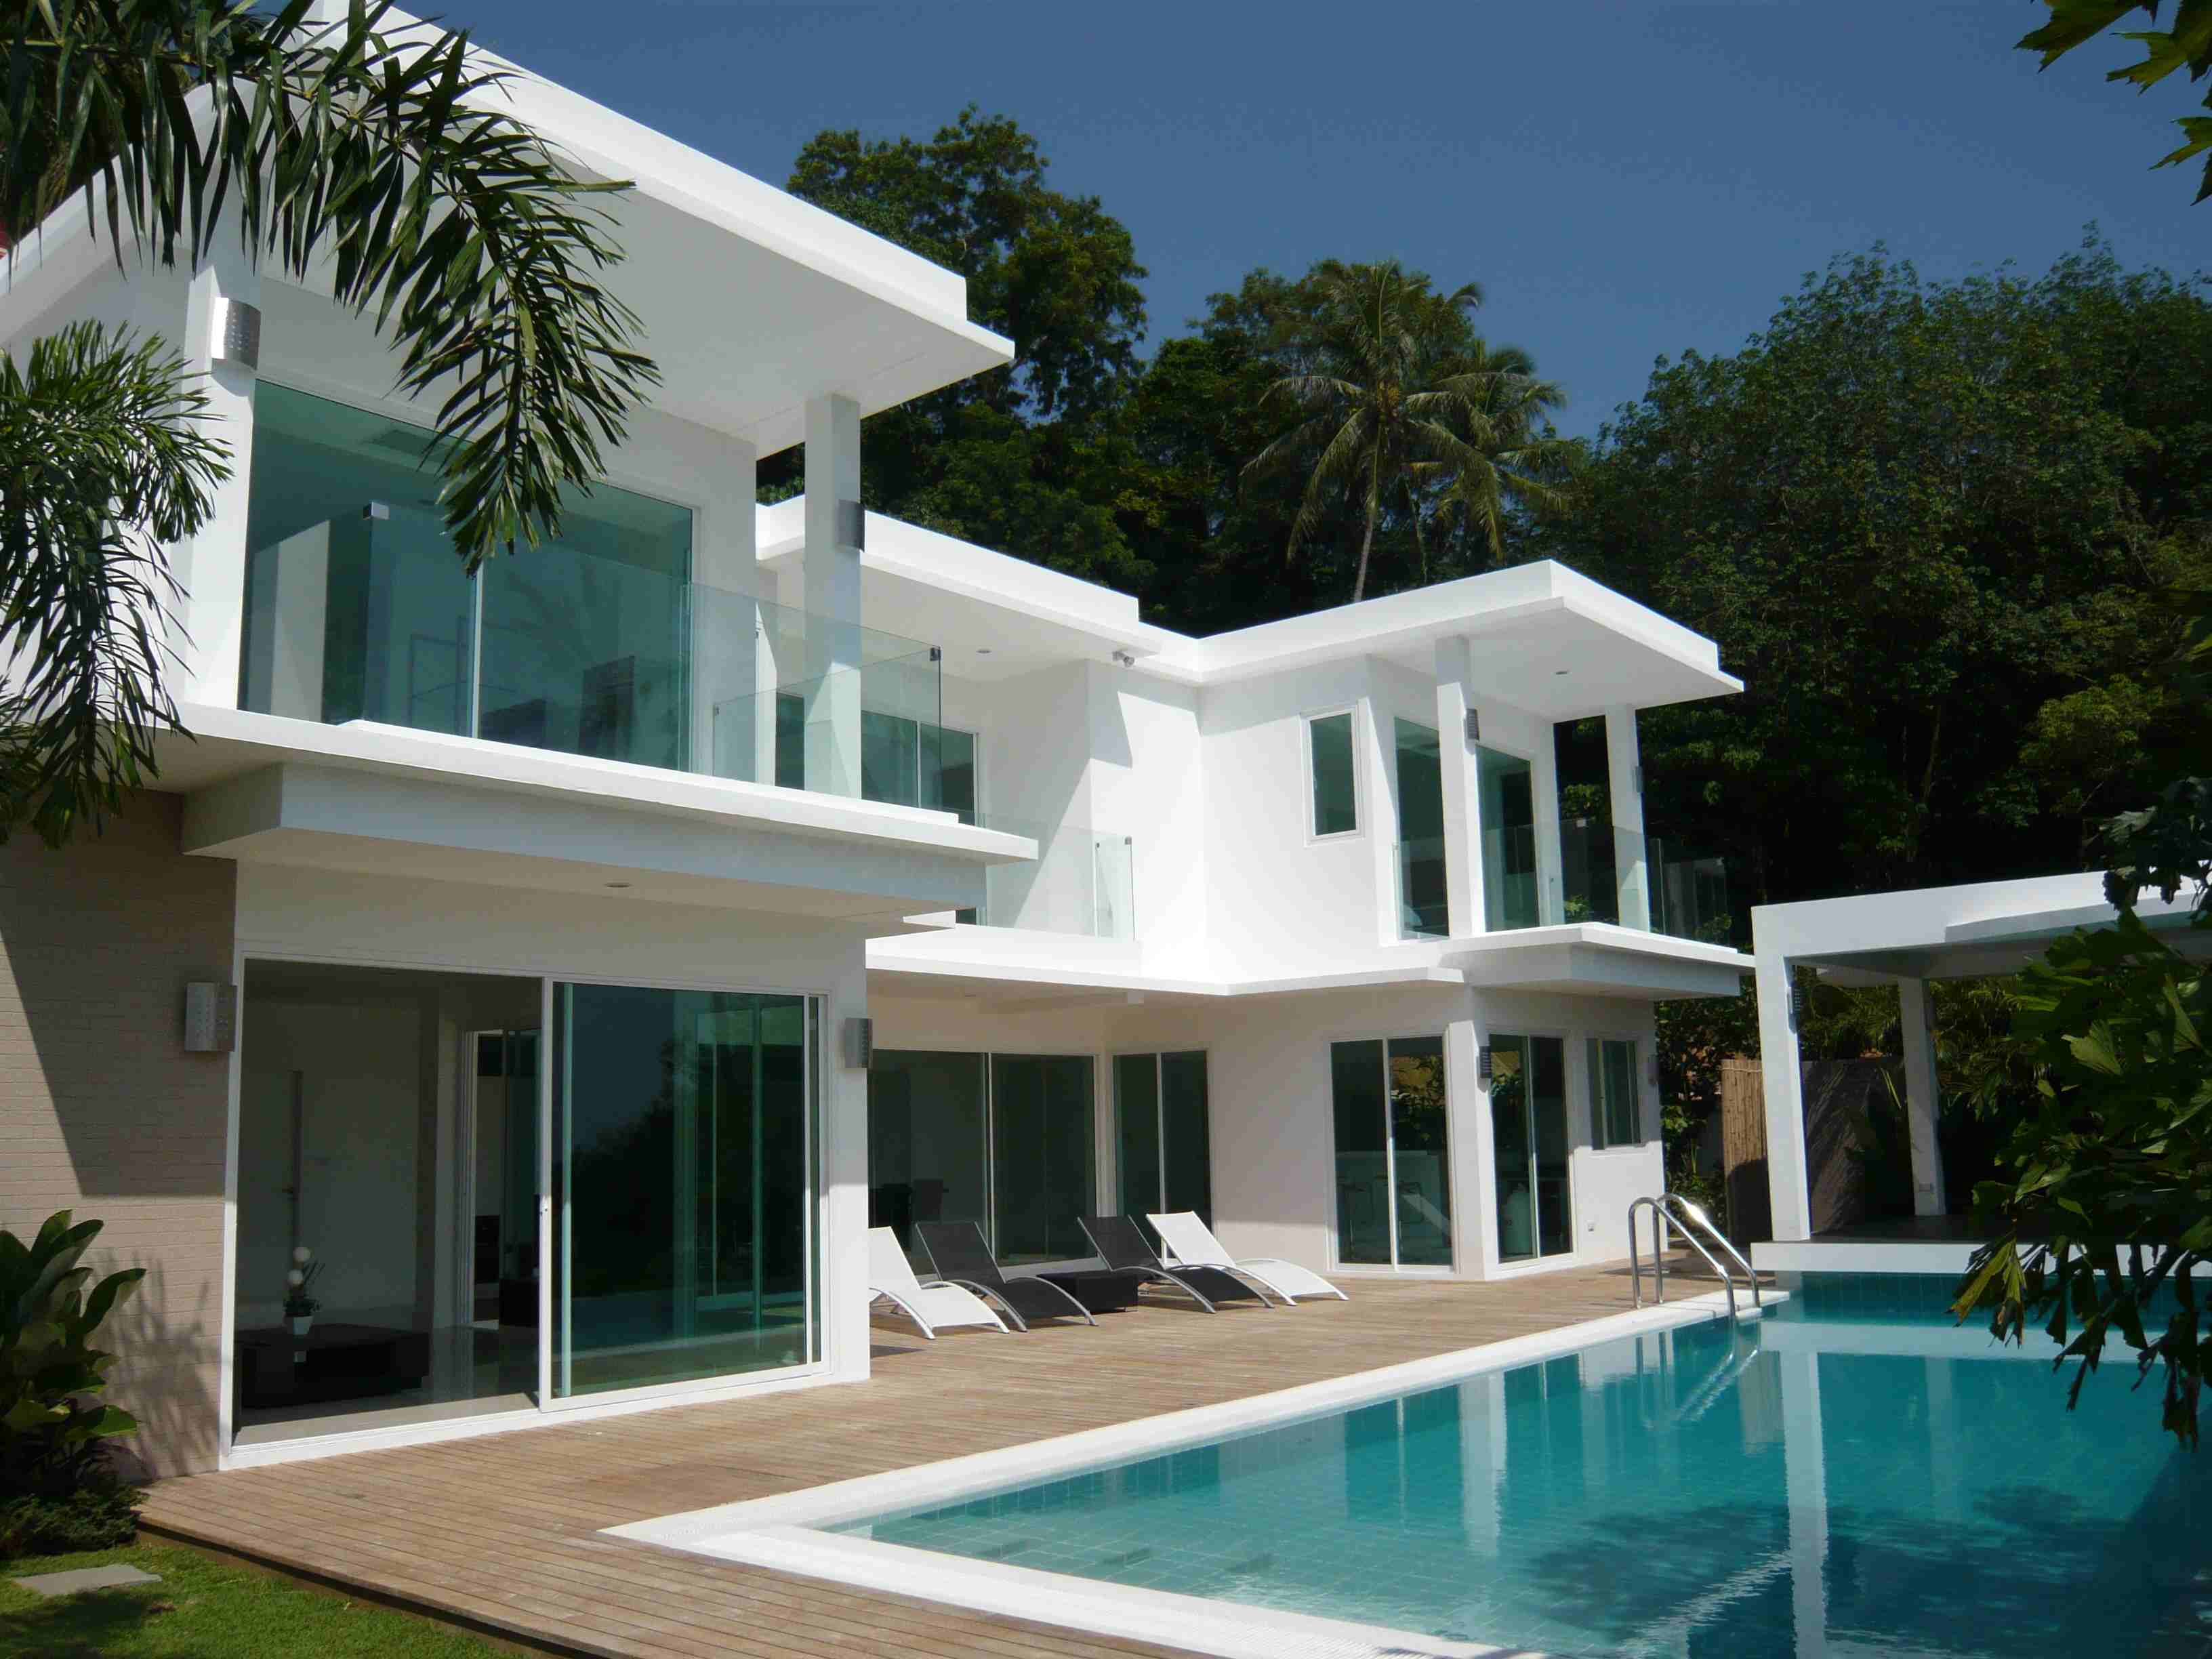 Location maison toulouse une maison avec de la vie for Maison location